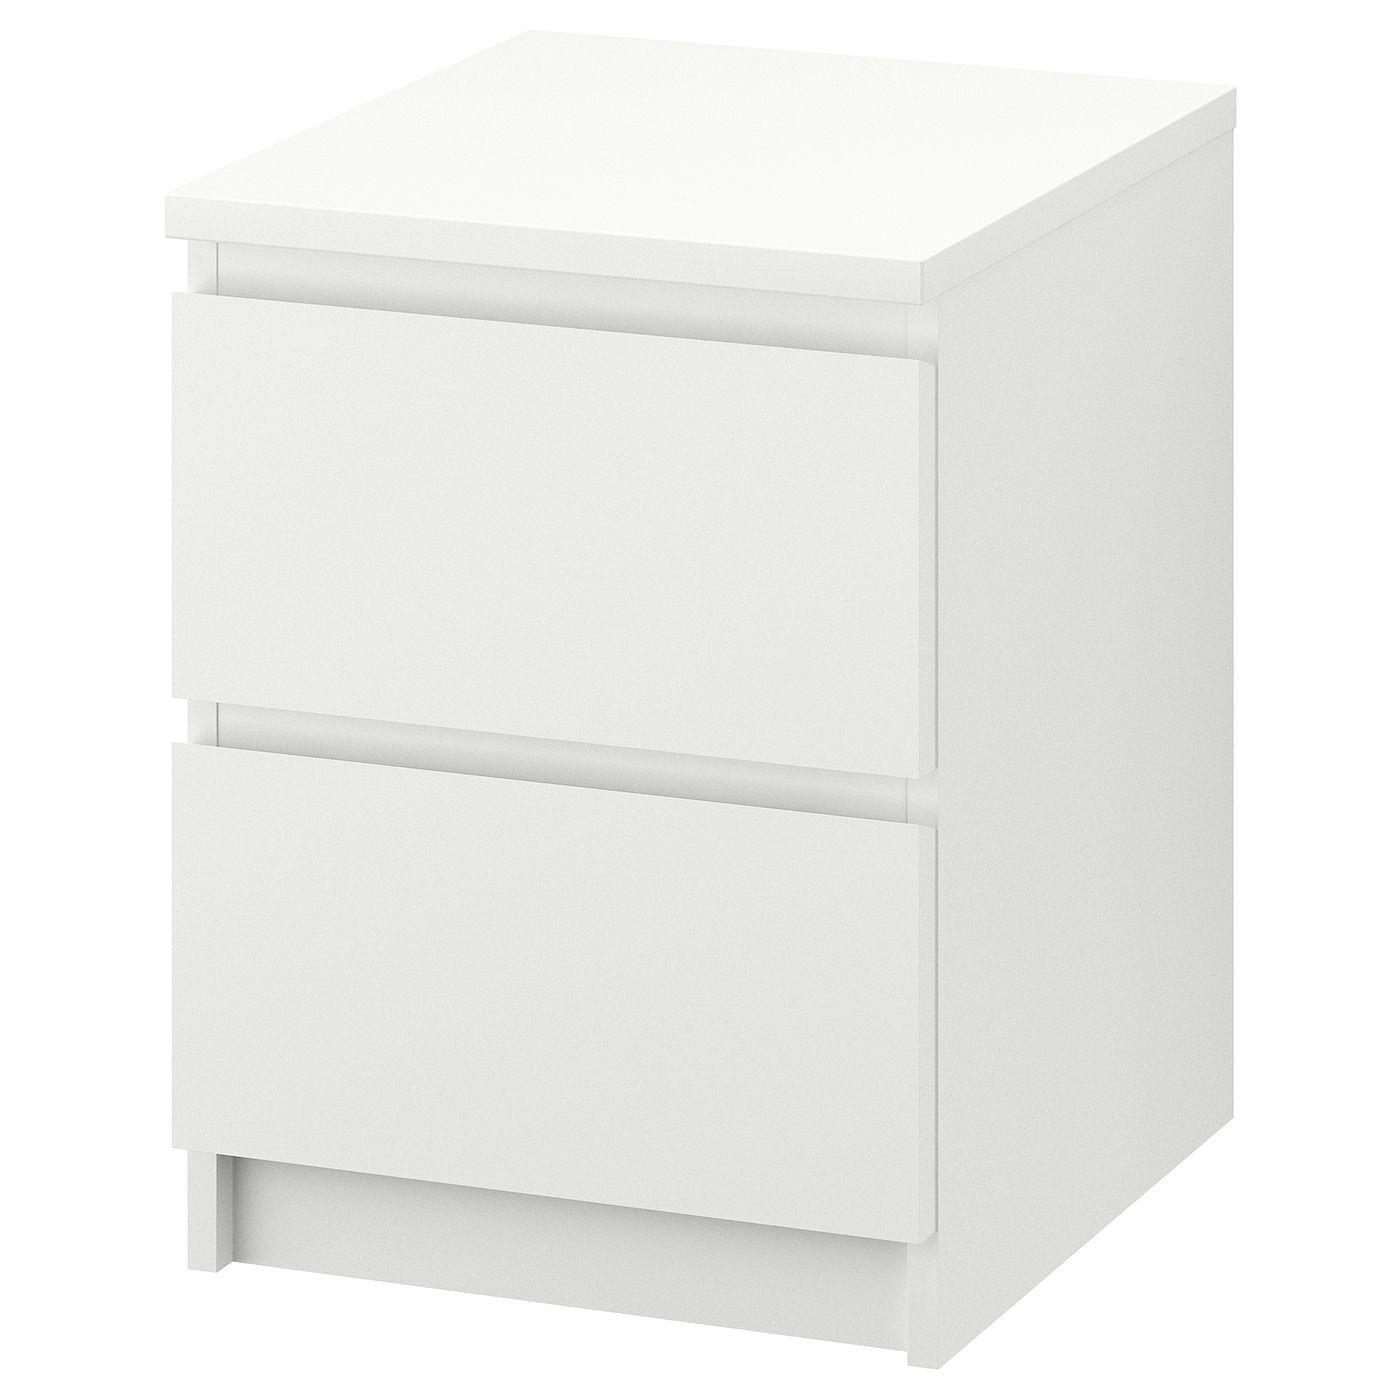 Malm 2 Drawer Chest White 15 3 4x21 5 8 In 2020 Ikea Malm